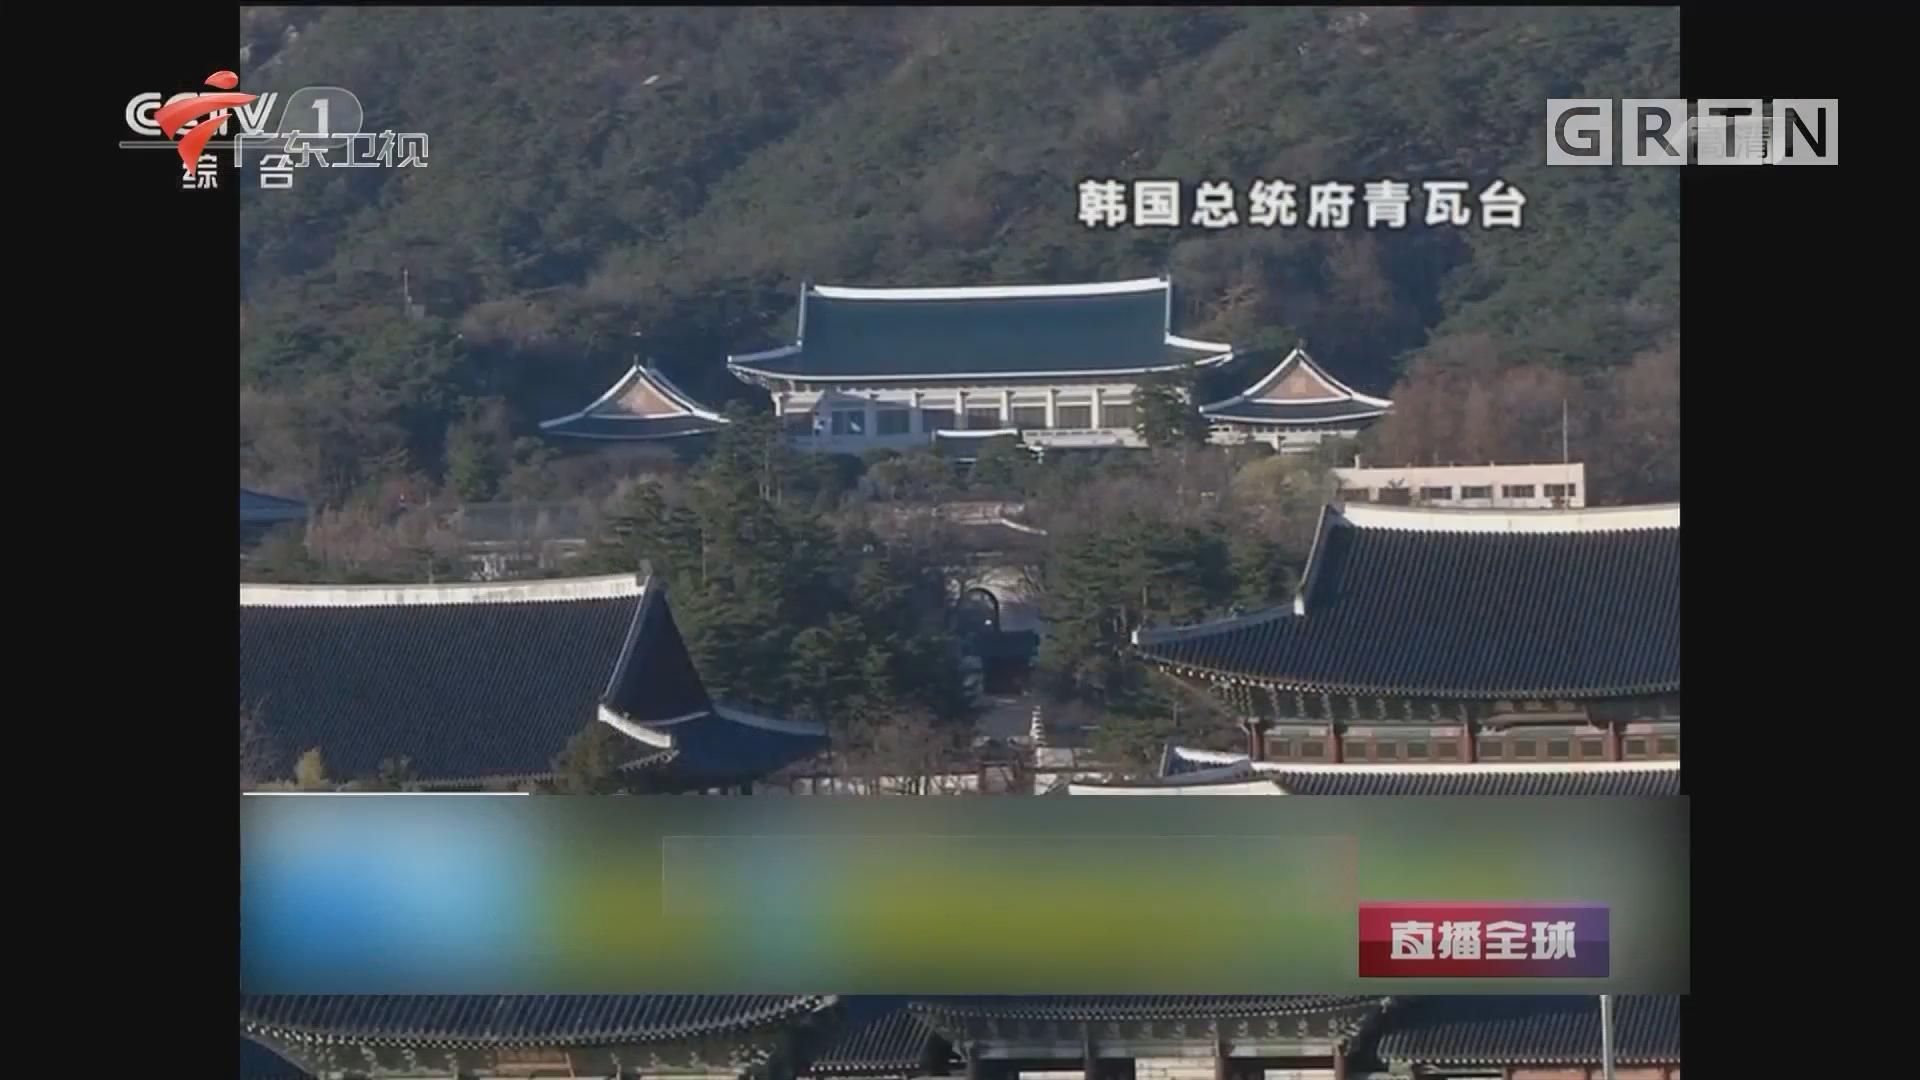 韩朝首脑热线今日有望开通:尚未确定文在寅与金正恩首次通话时间